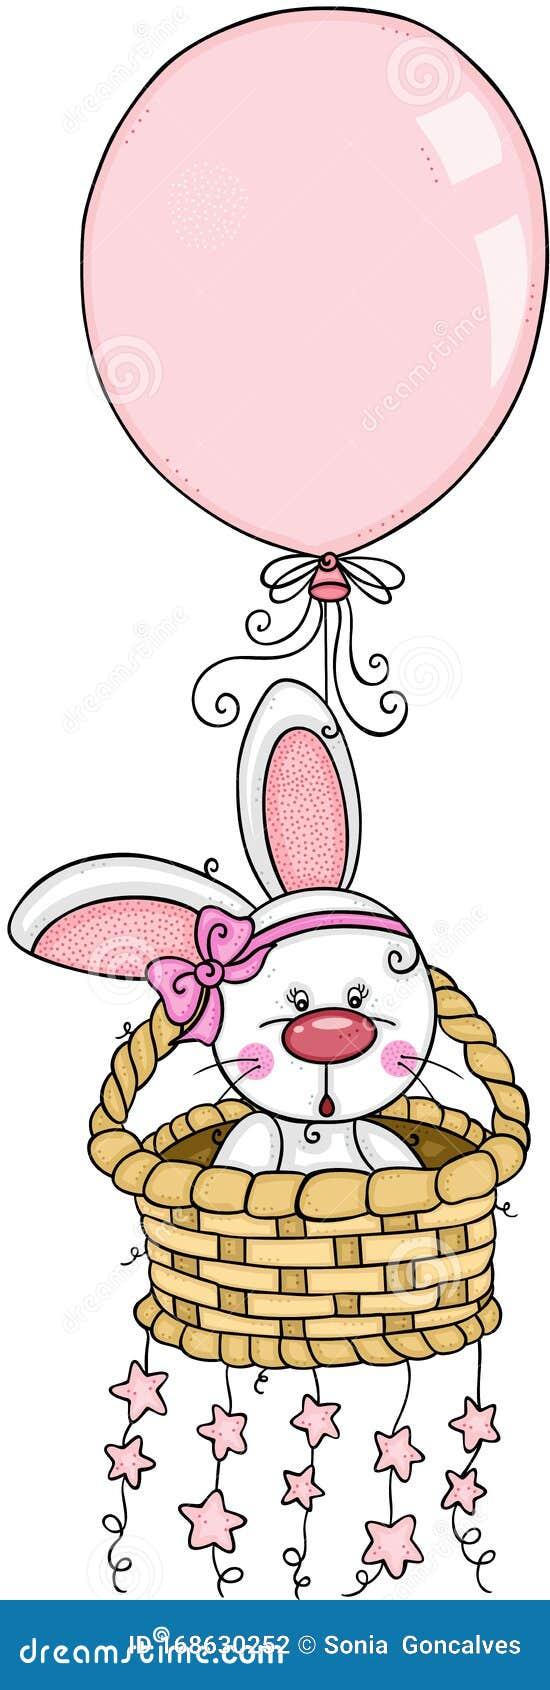 baby bunny met een ballon en sterren op de mandje